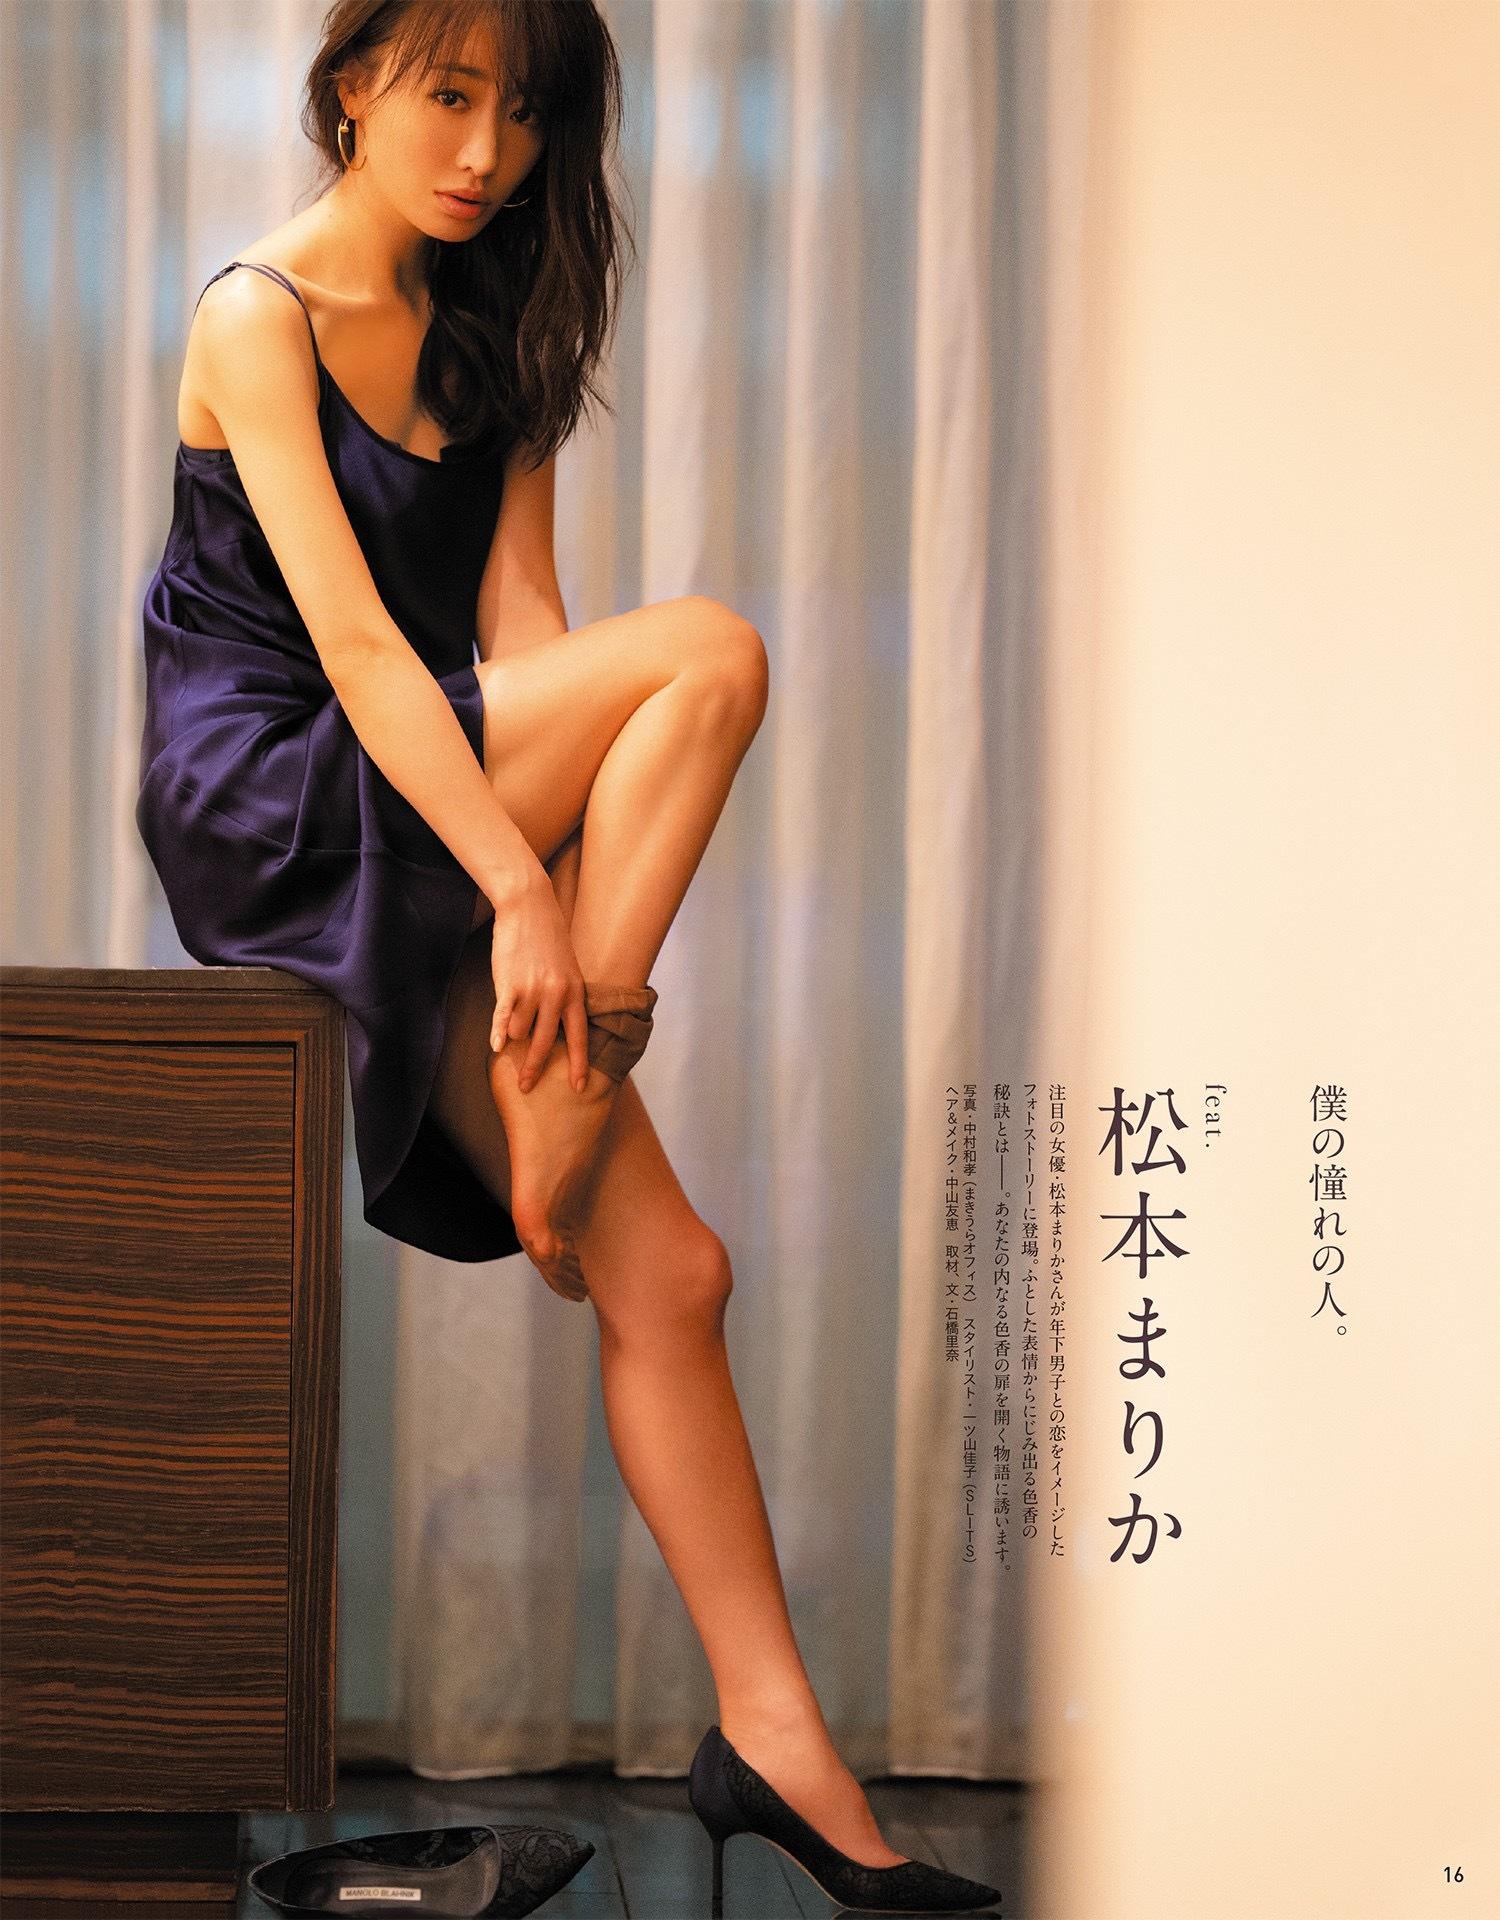 松本真理香 × 神尾枫珠